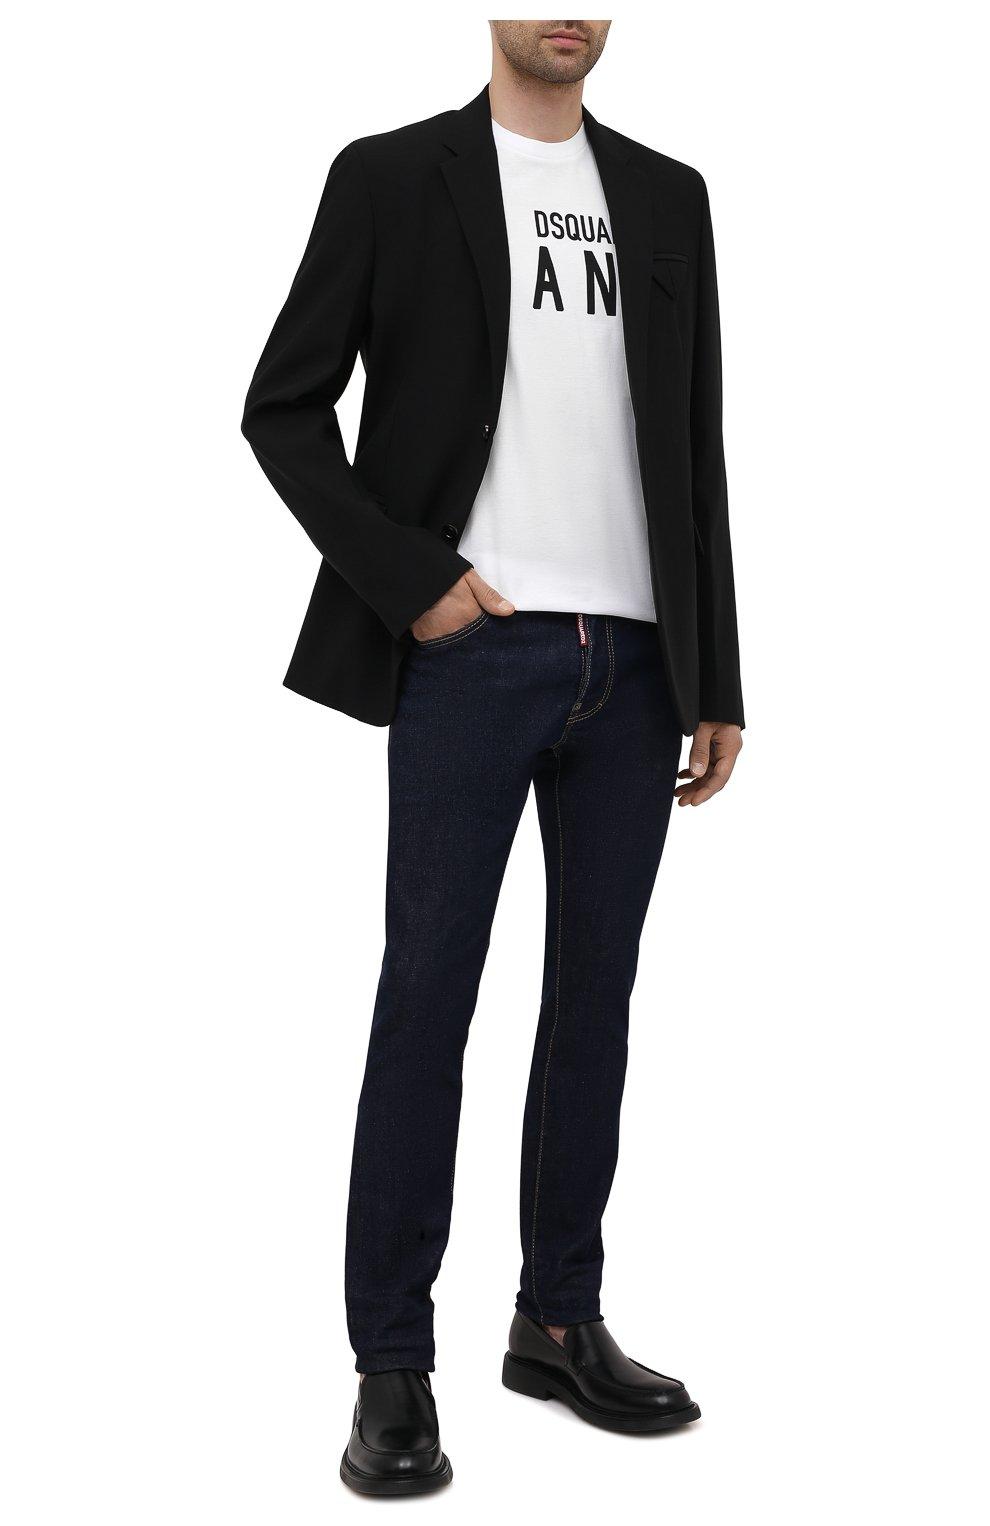 Мужские джинсы DSQUARED2 темно-синего цвета, арт. S79LA0035/S30595   Фото 2 (Силуэт М (брюки): Прямые; Кросс-КТ: Деним; Длина (брюки, джинсы): Стандартные; Стили: Гранж; Материал внешний: Хлопок)